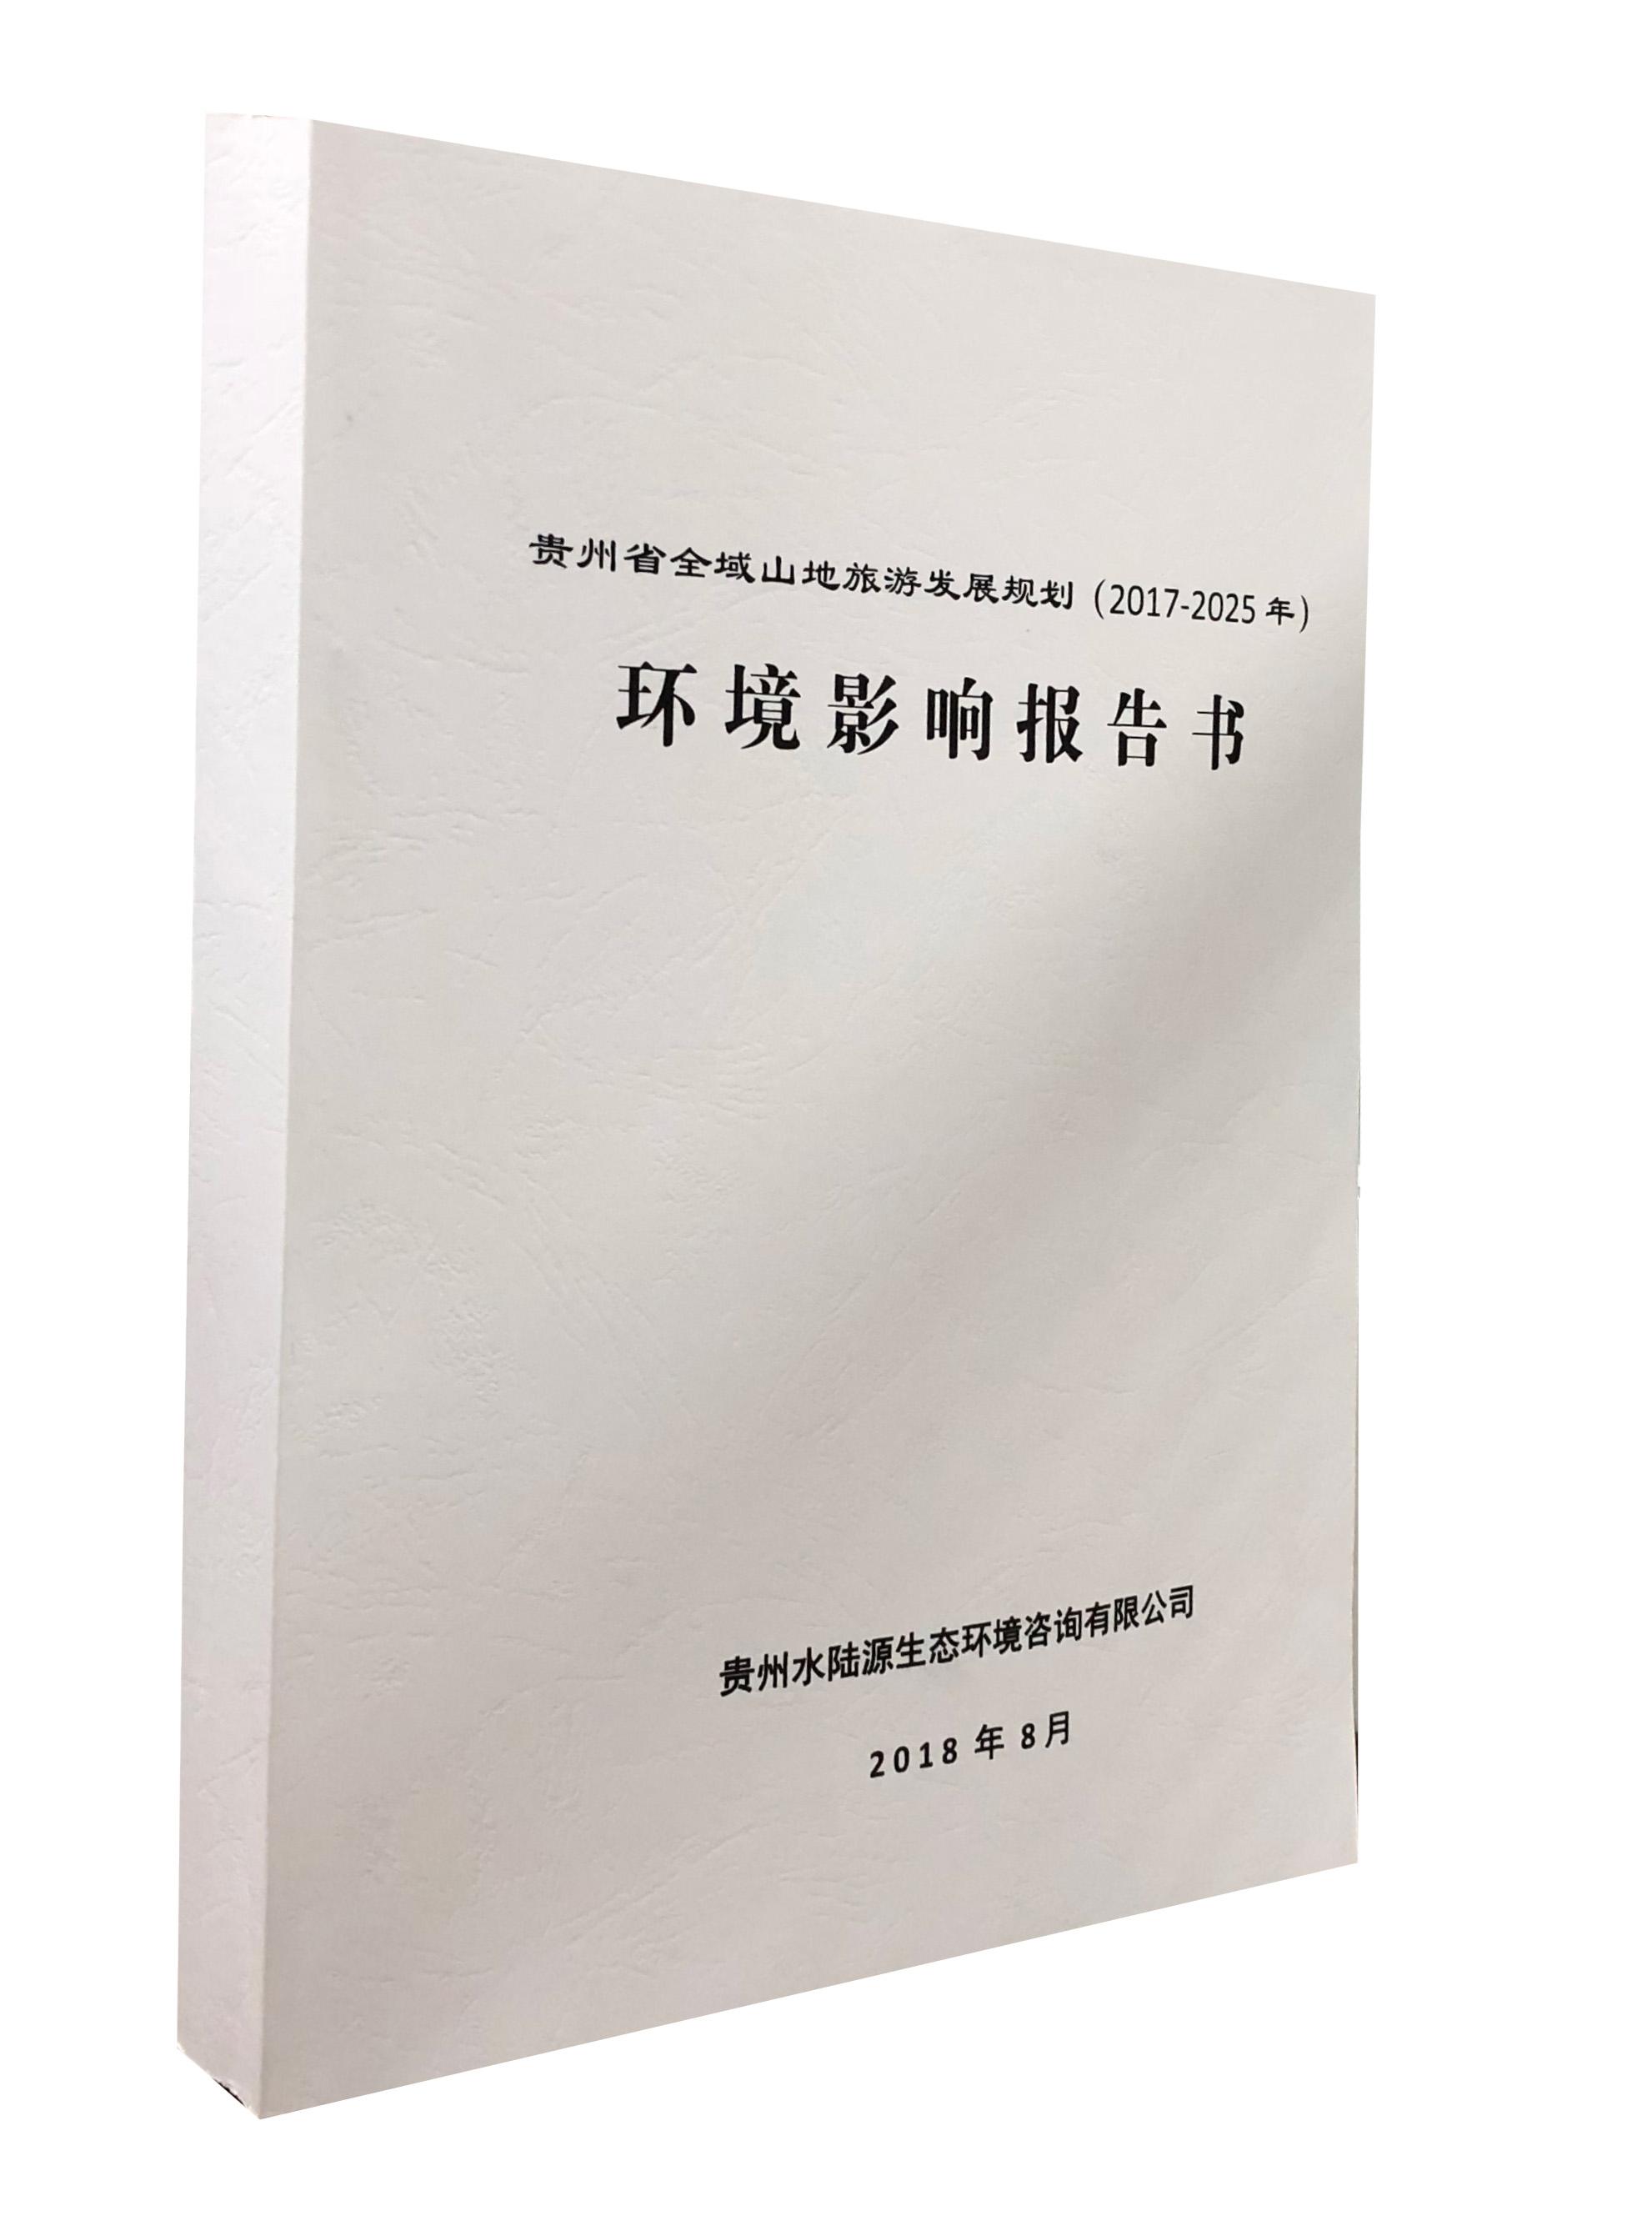 贵州省全域山地旅游发展规划(2017-2025年)贝斯特516全球最奢华报告书